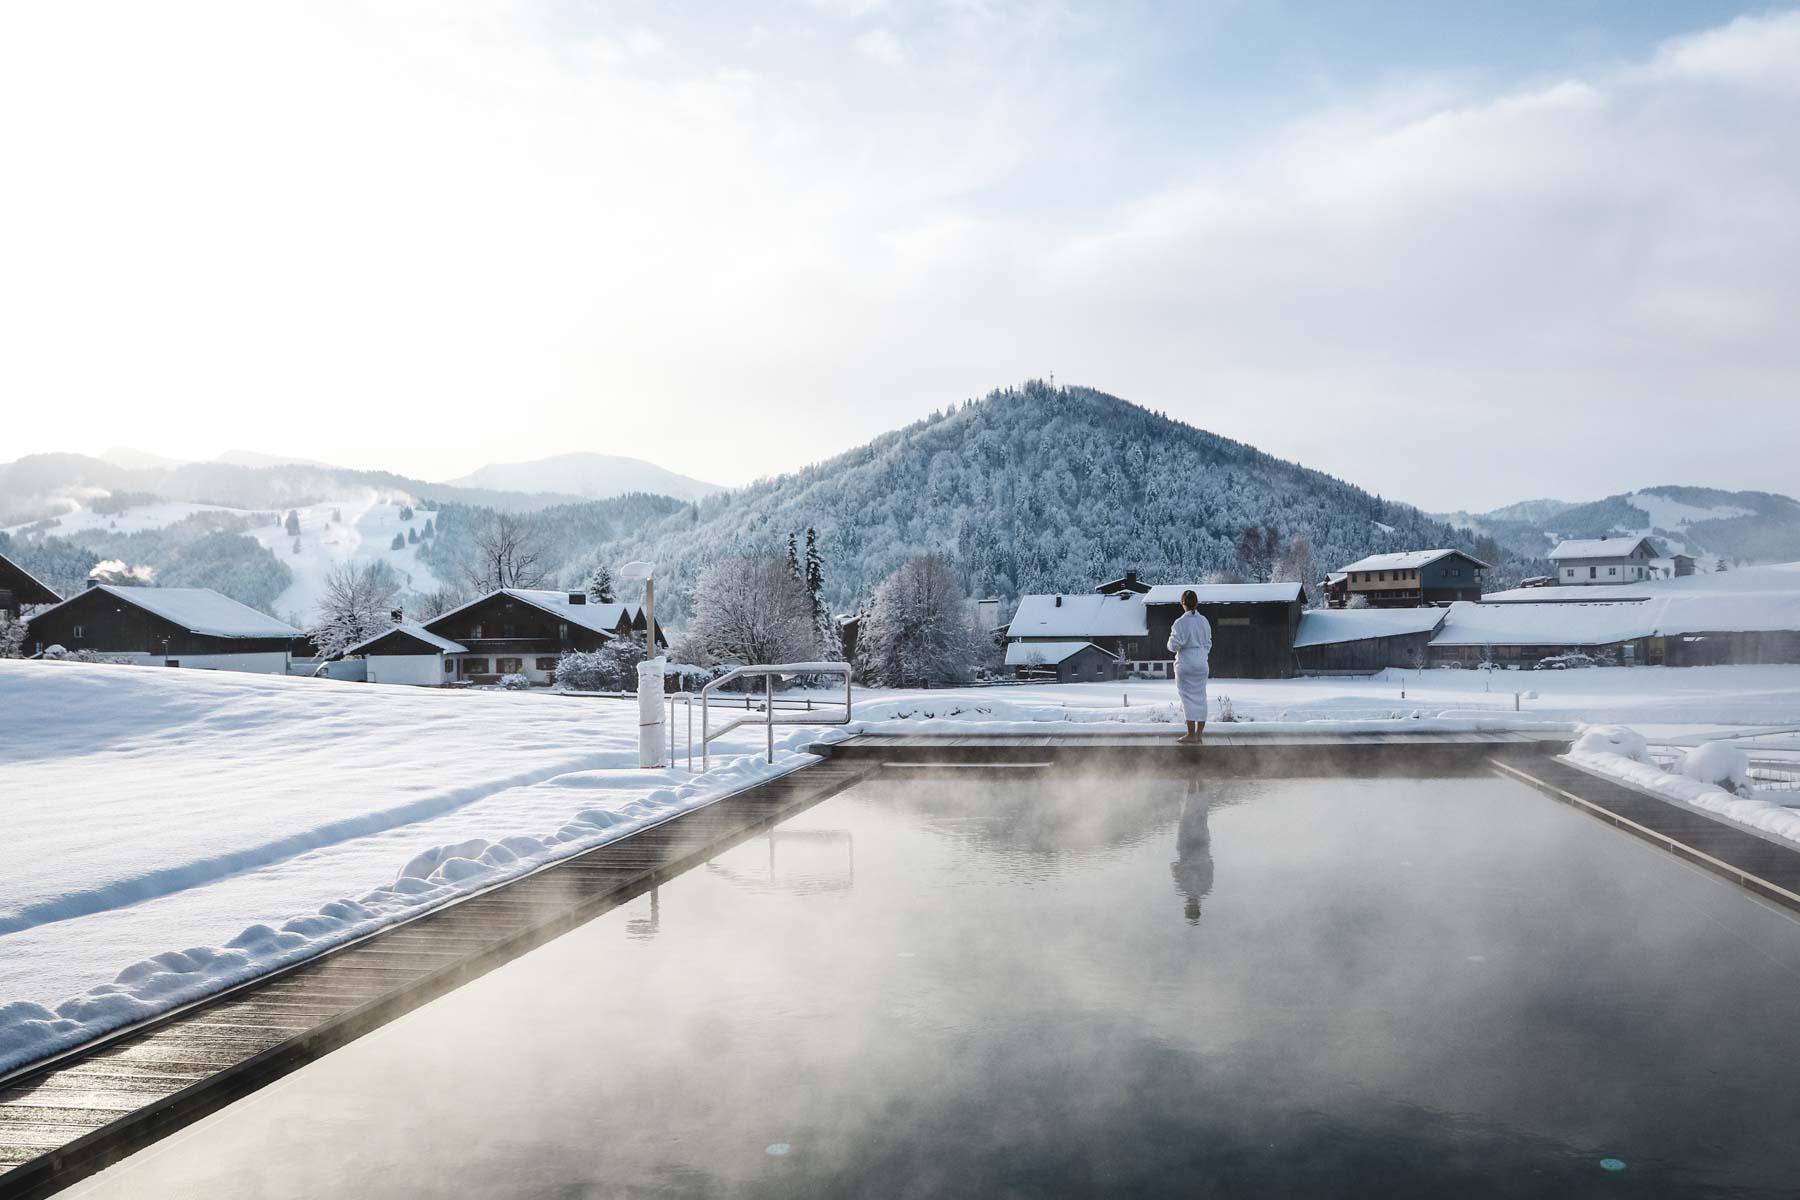 Schön Schlafen: Haubers Alpenresort im Allgäu   blickgewinkelt